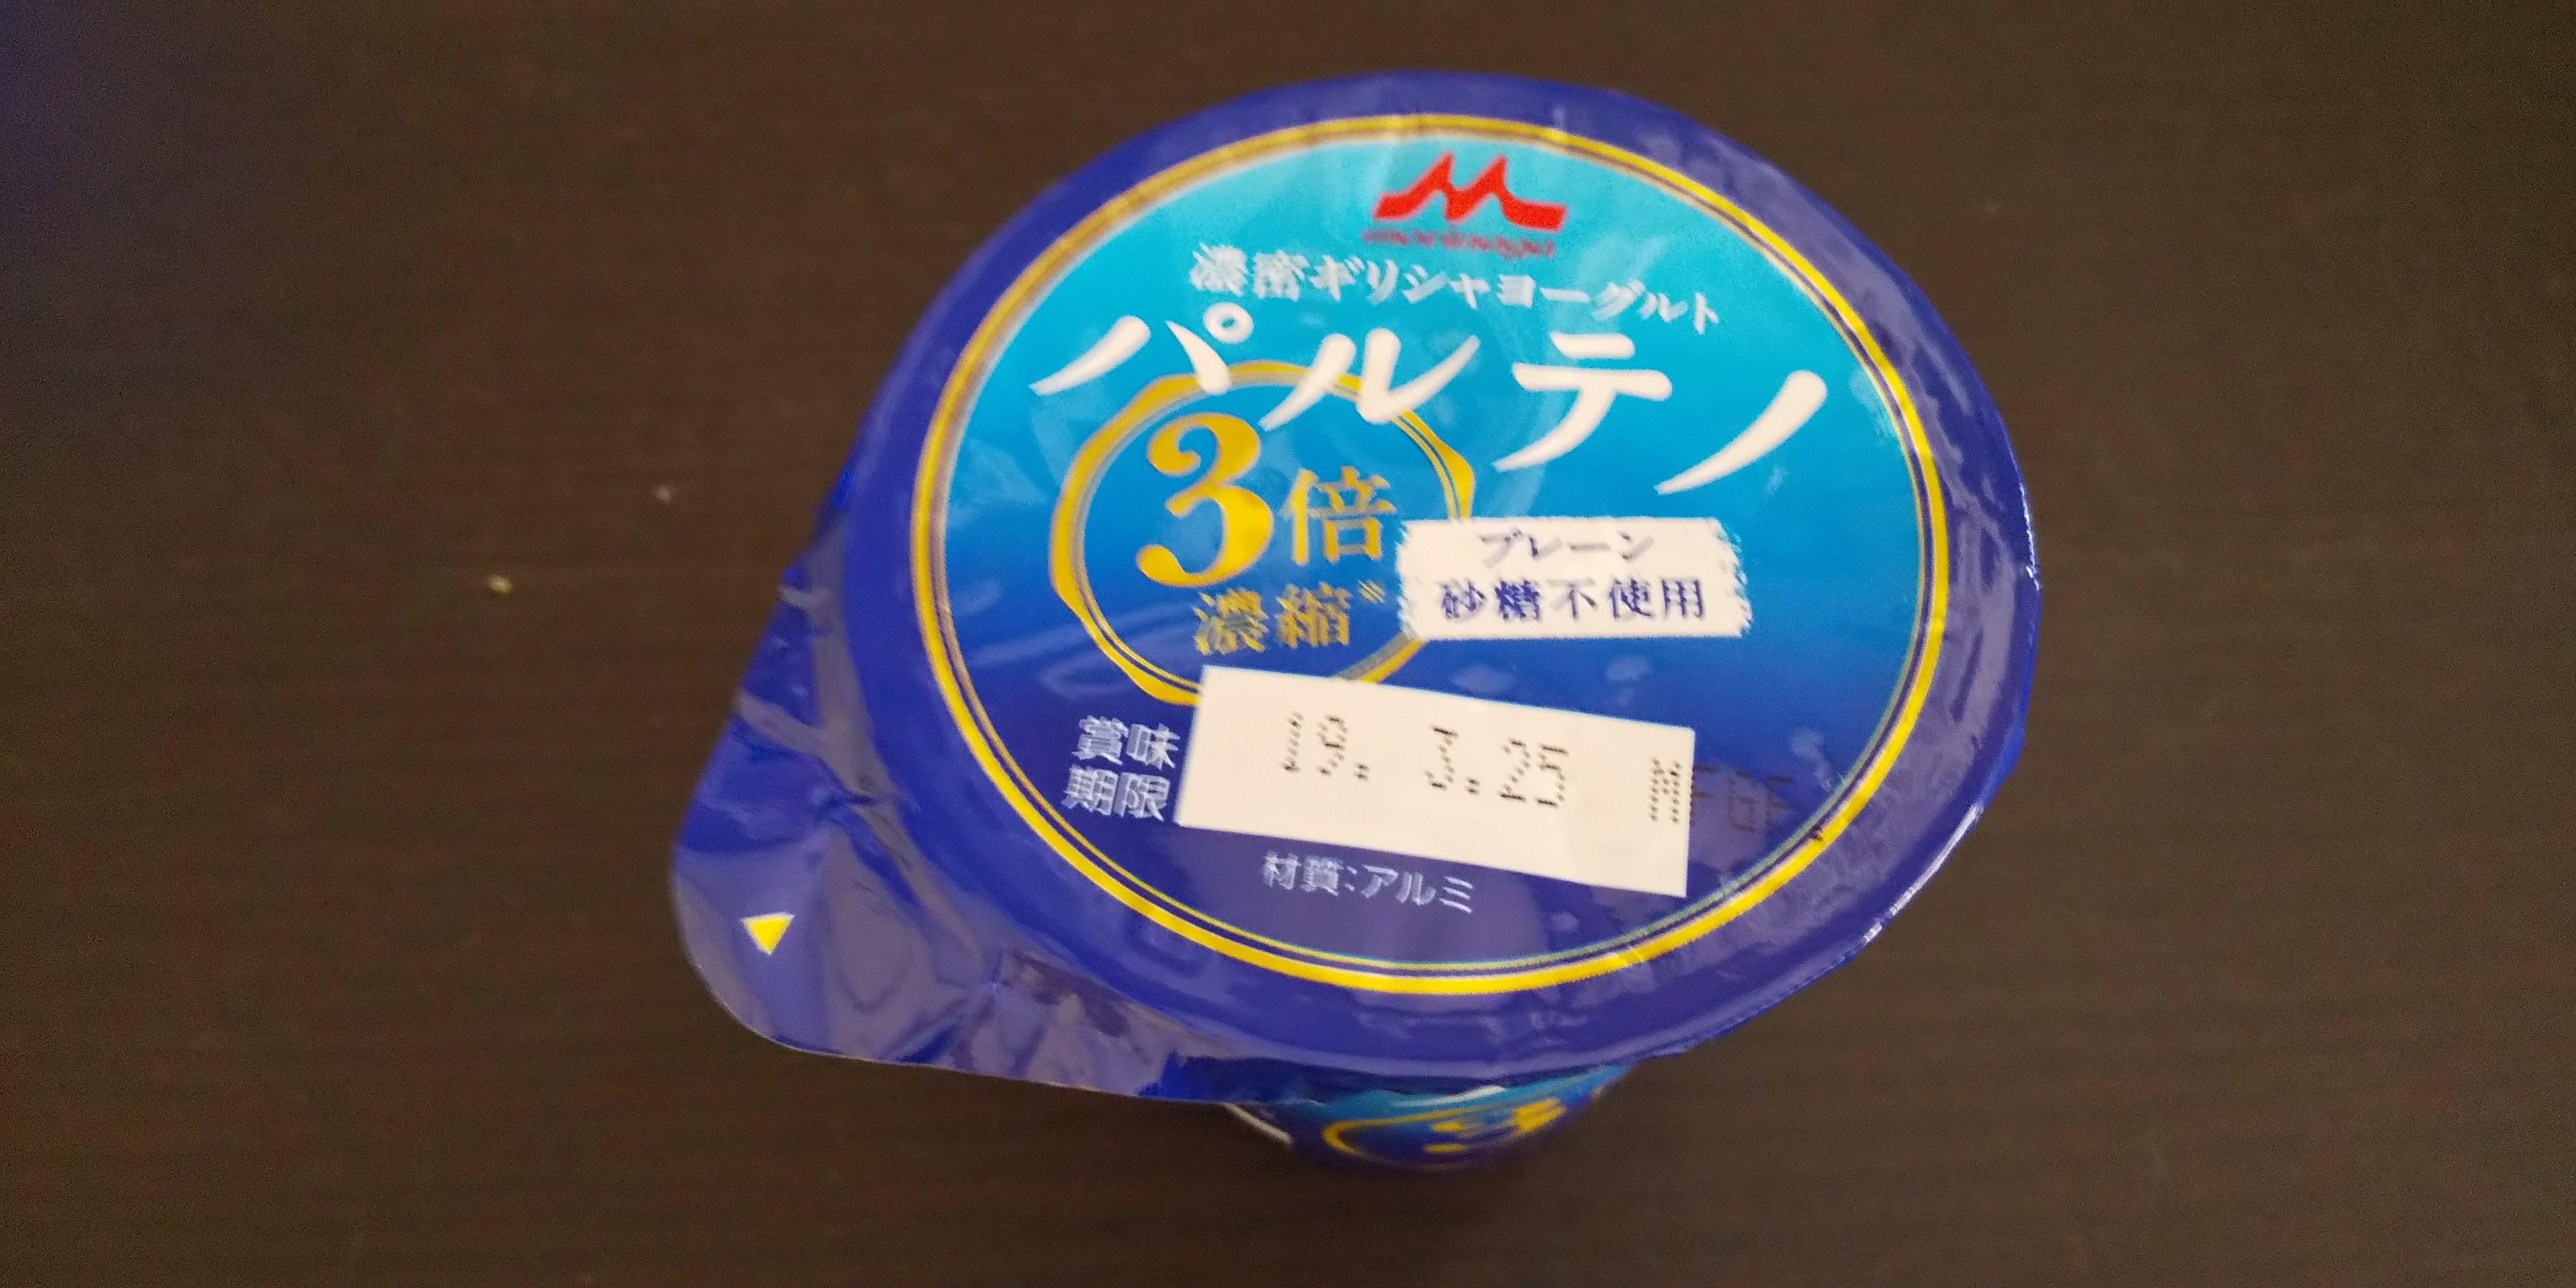 森永濃密ギリシャヨーグルト【パルテノ プレーン砂糖不使用】